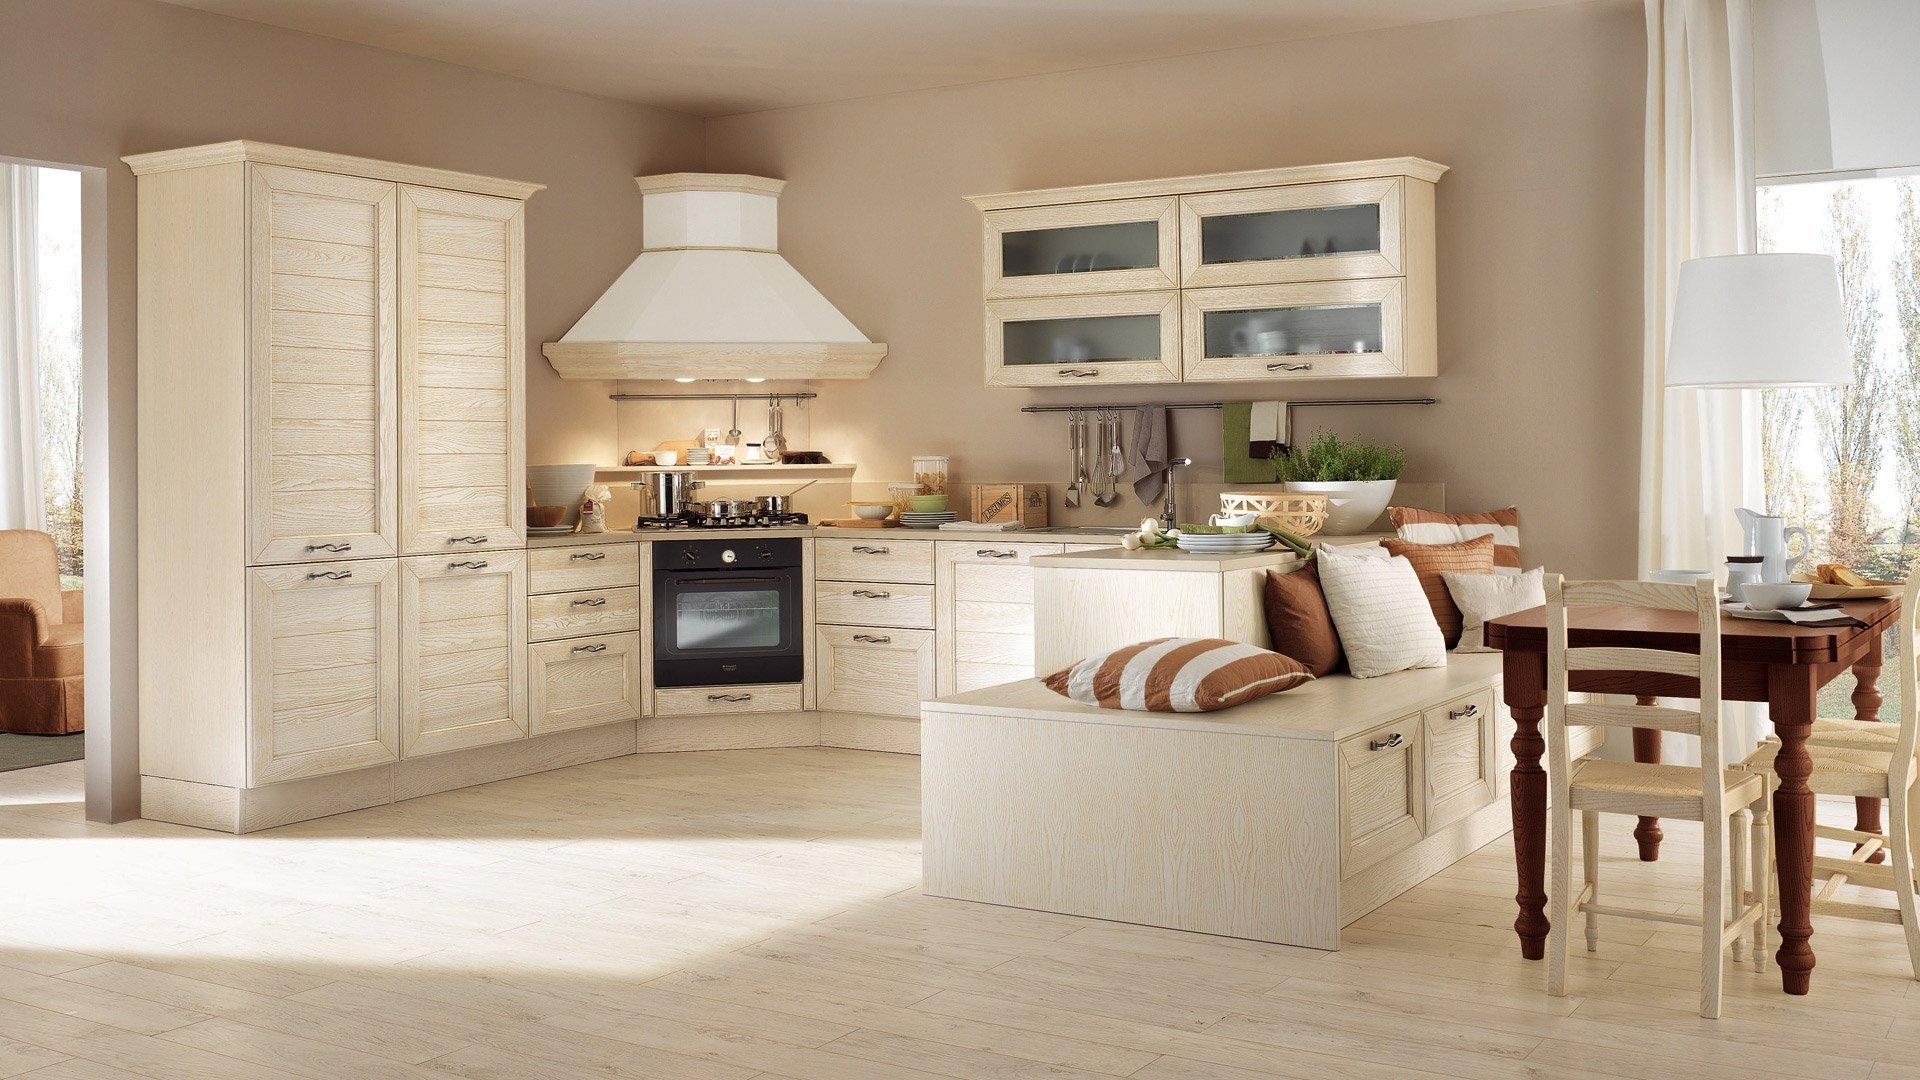 Cucina Lube Claudia - Vissani Casa